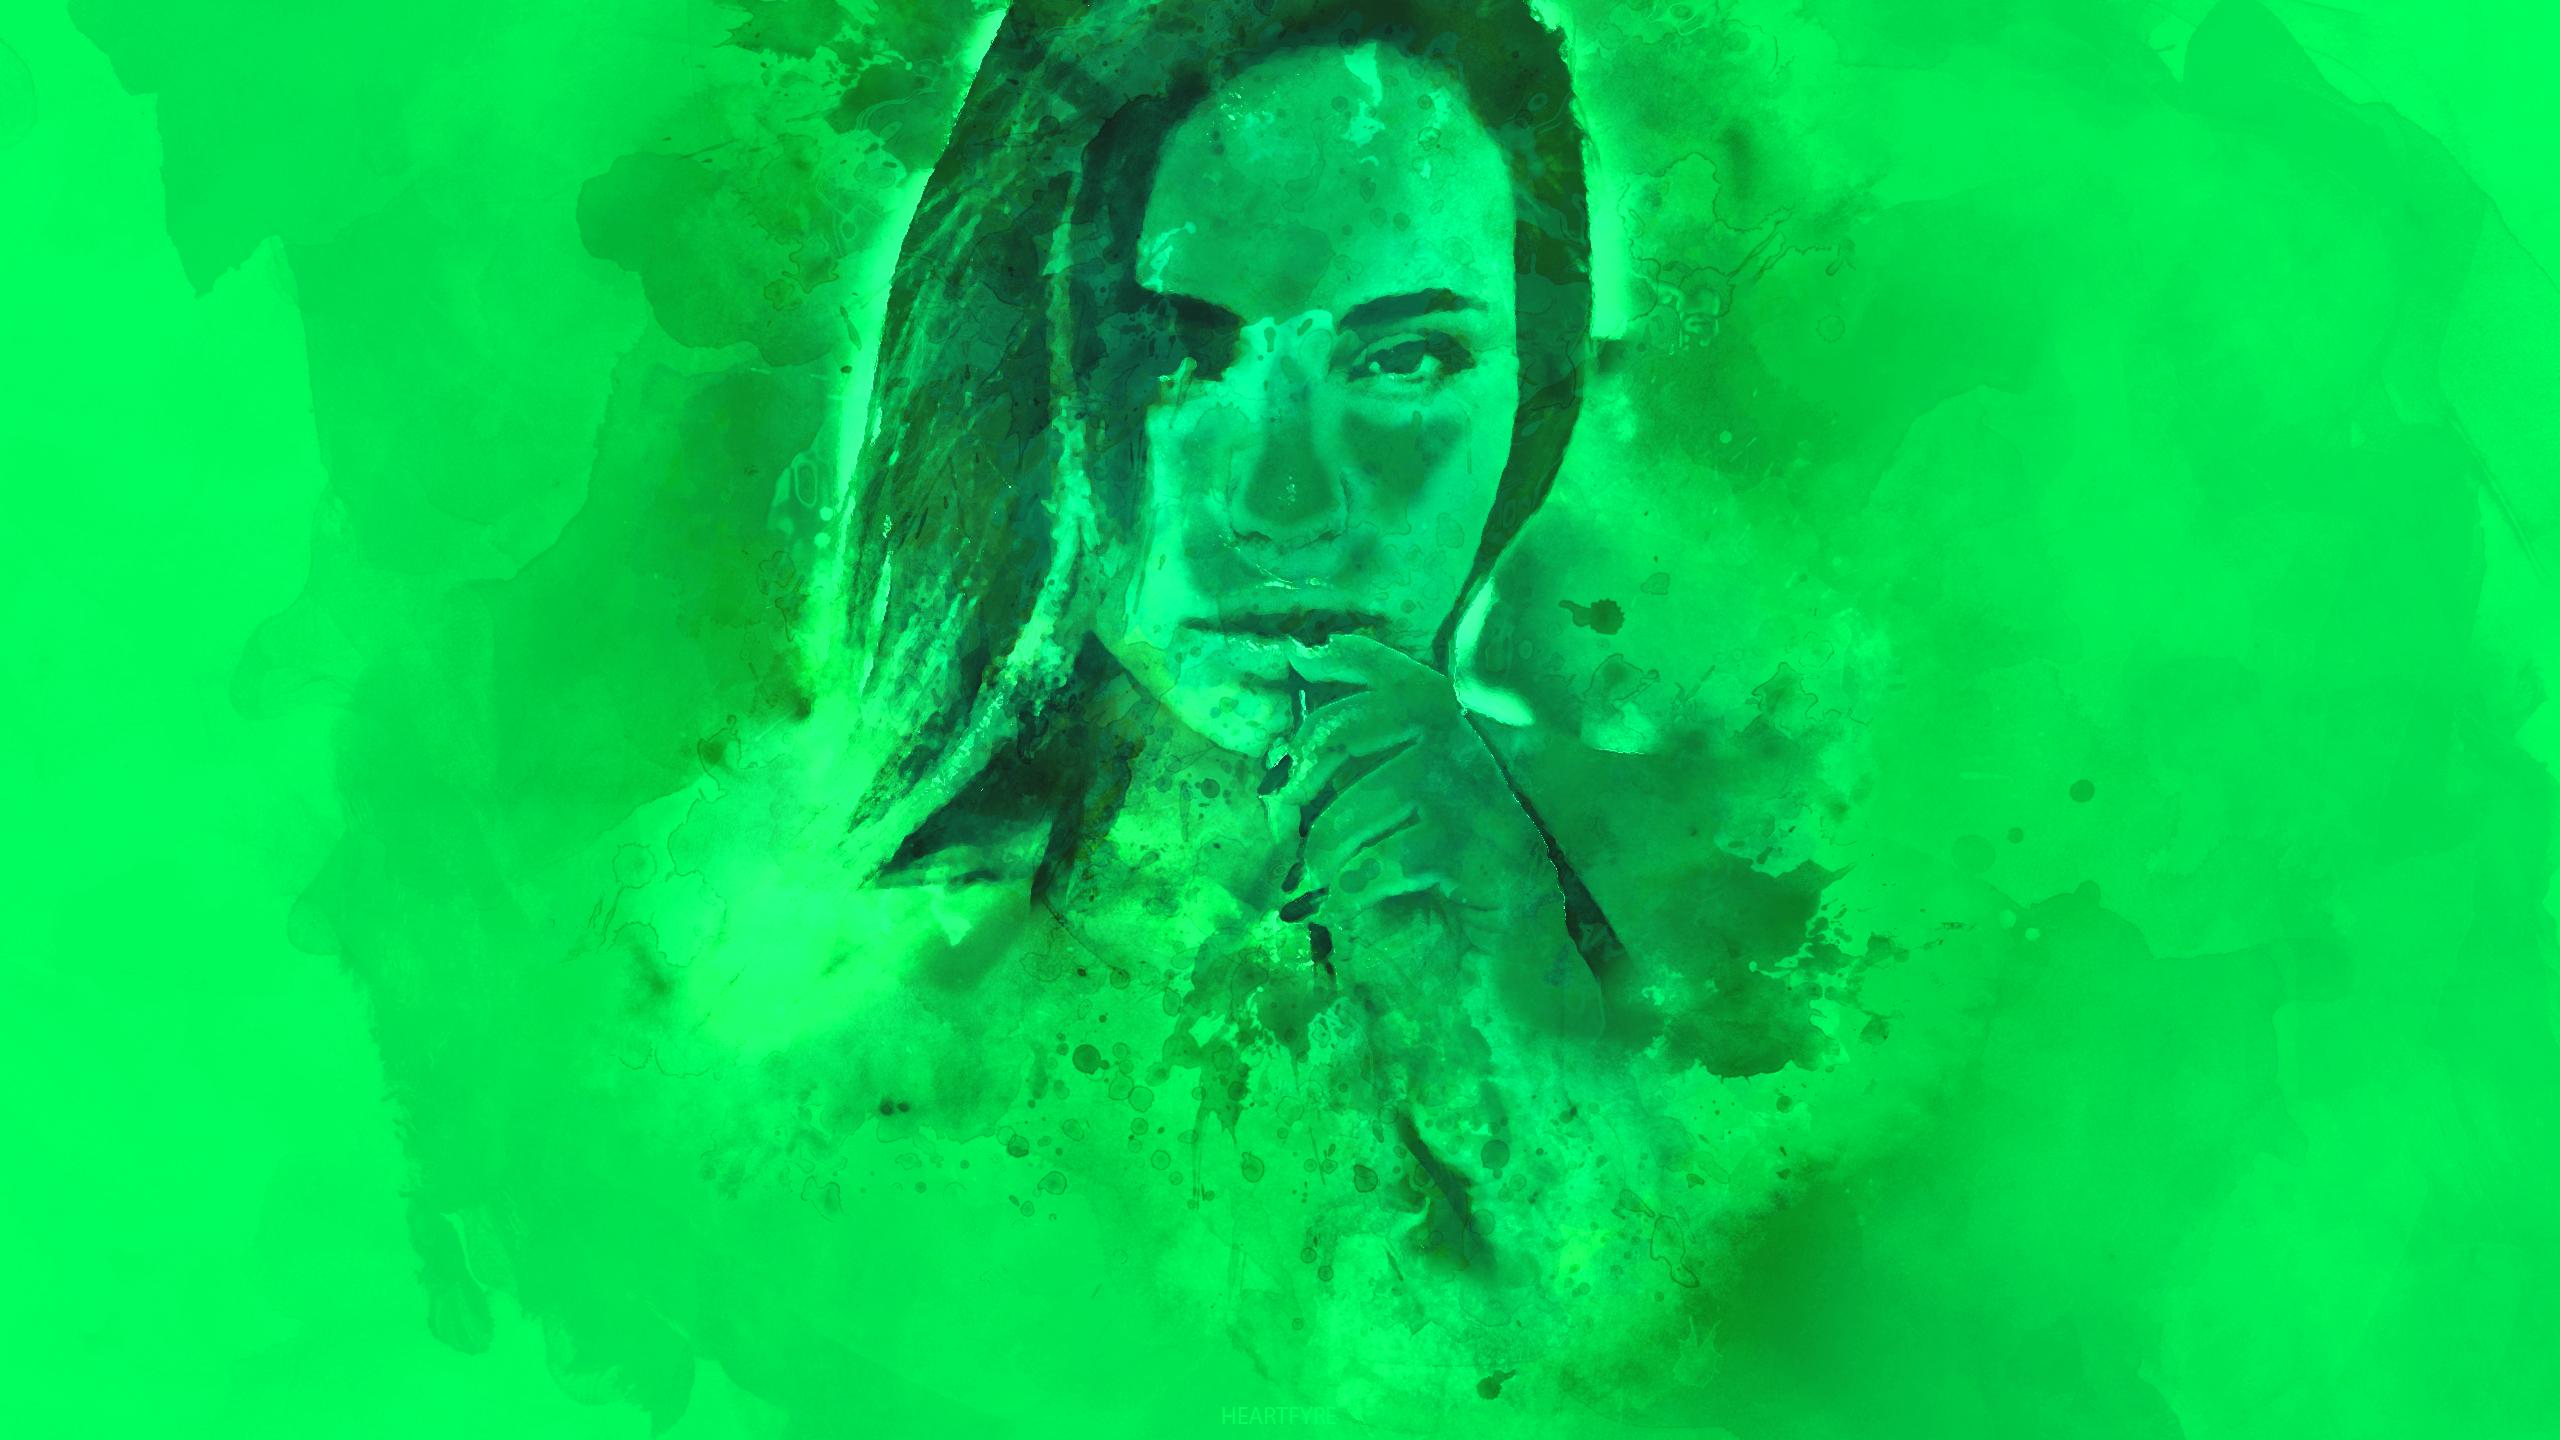 Masaüstü Suluboya Portre Yeşil Yeşil Arka Plan 2560x1440